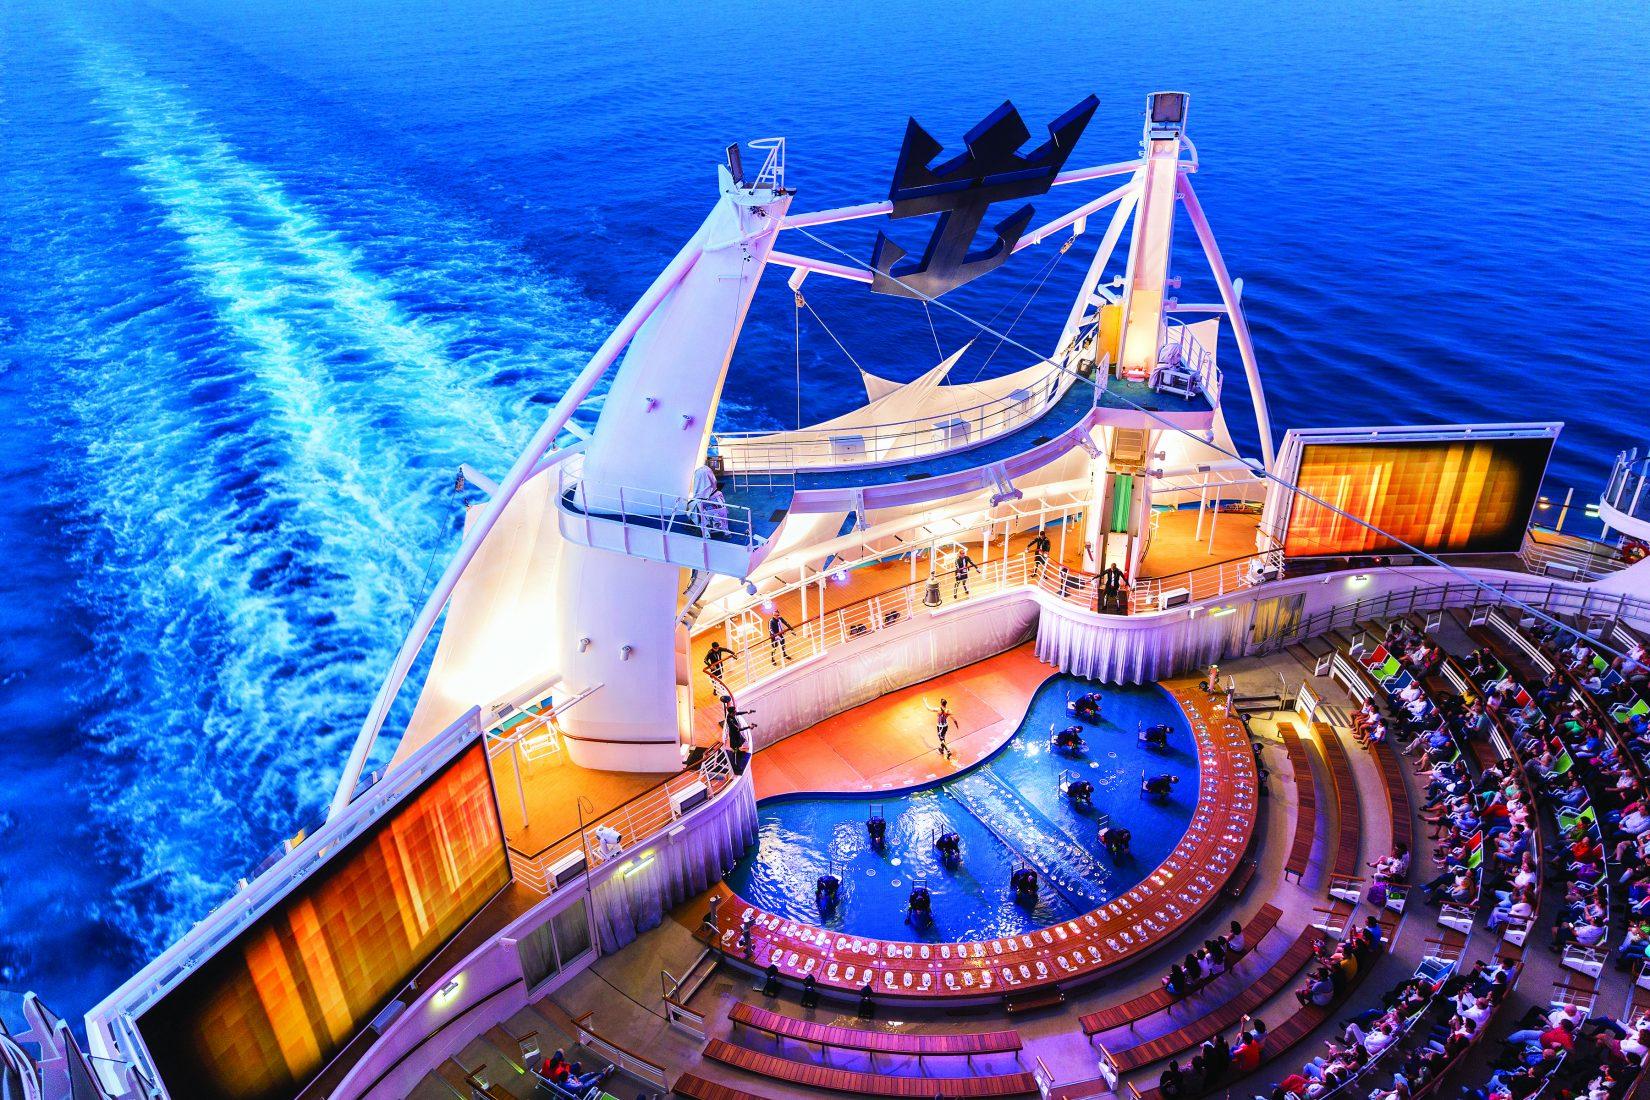 ภาพรวมล่องเรือสำราญ : สายเรือ Royal Caribbean International : ที่สุดของการท่องเที่ยวแบบครอบครัว